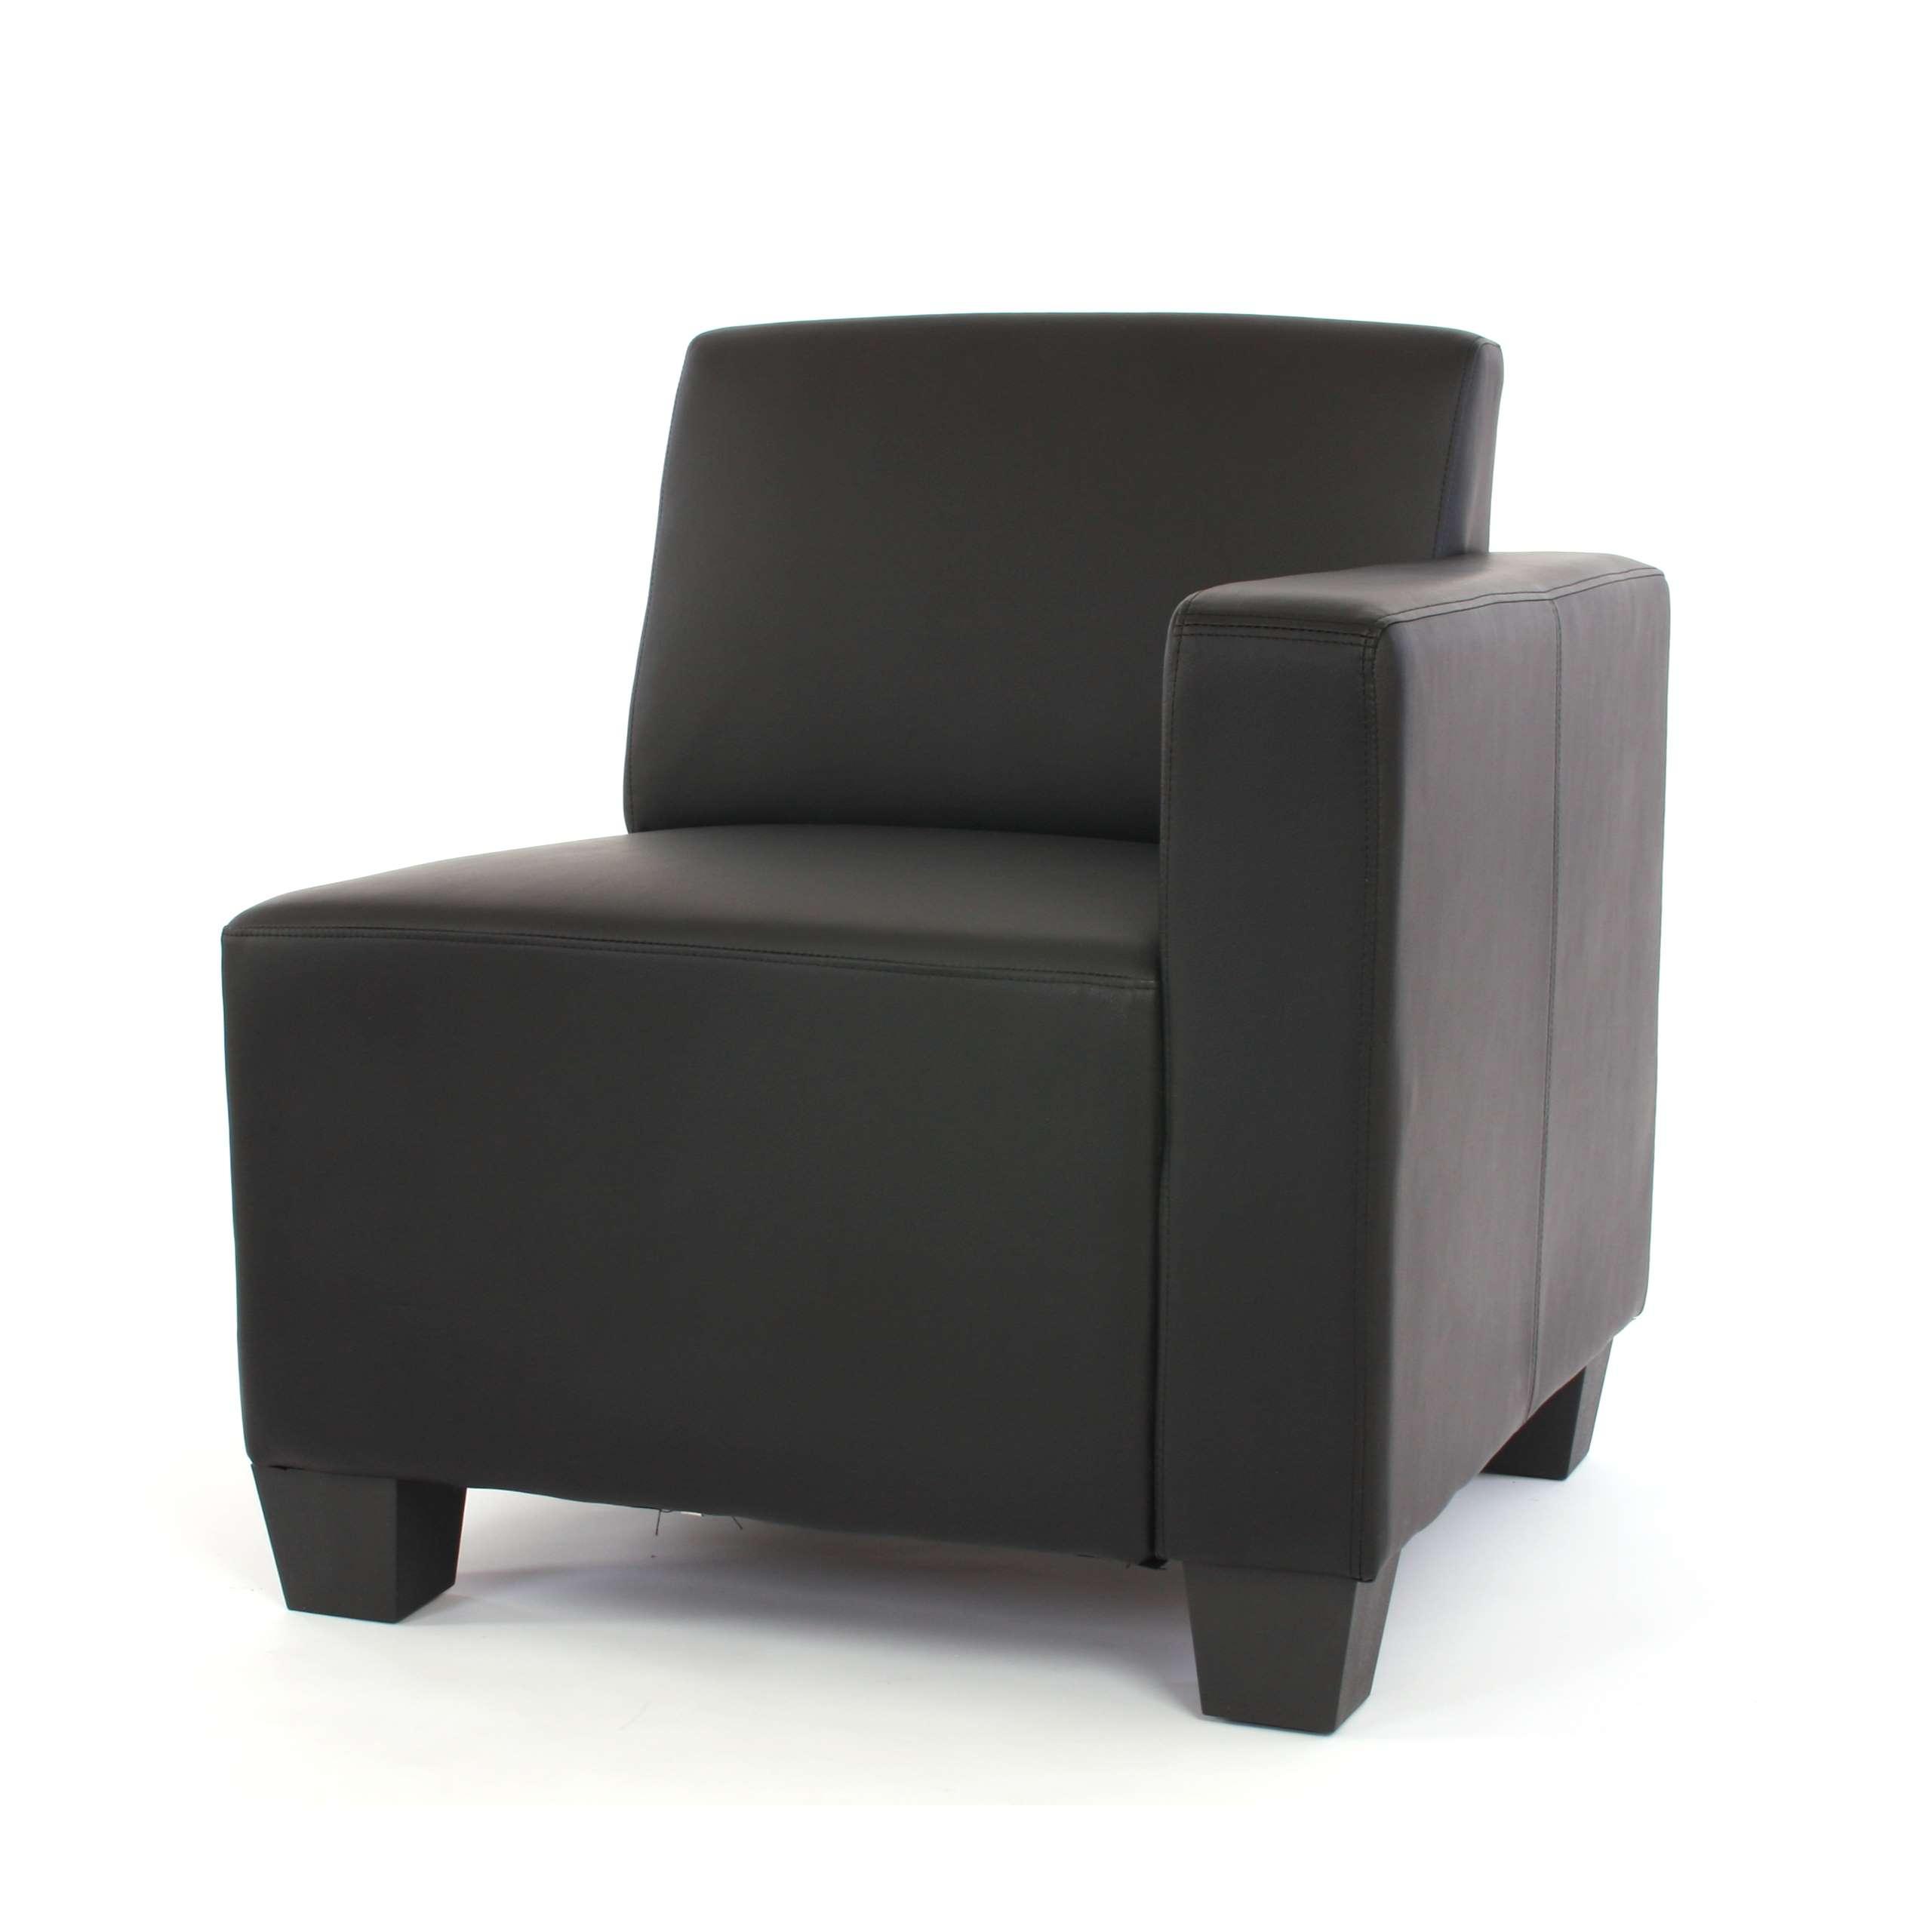 Canape-element-Lyon-systeme-de-canape-modulaire-simili-cuir-noir